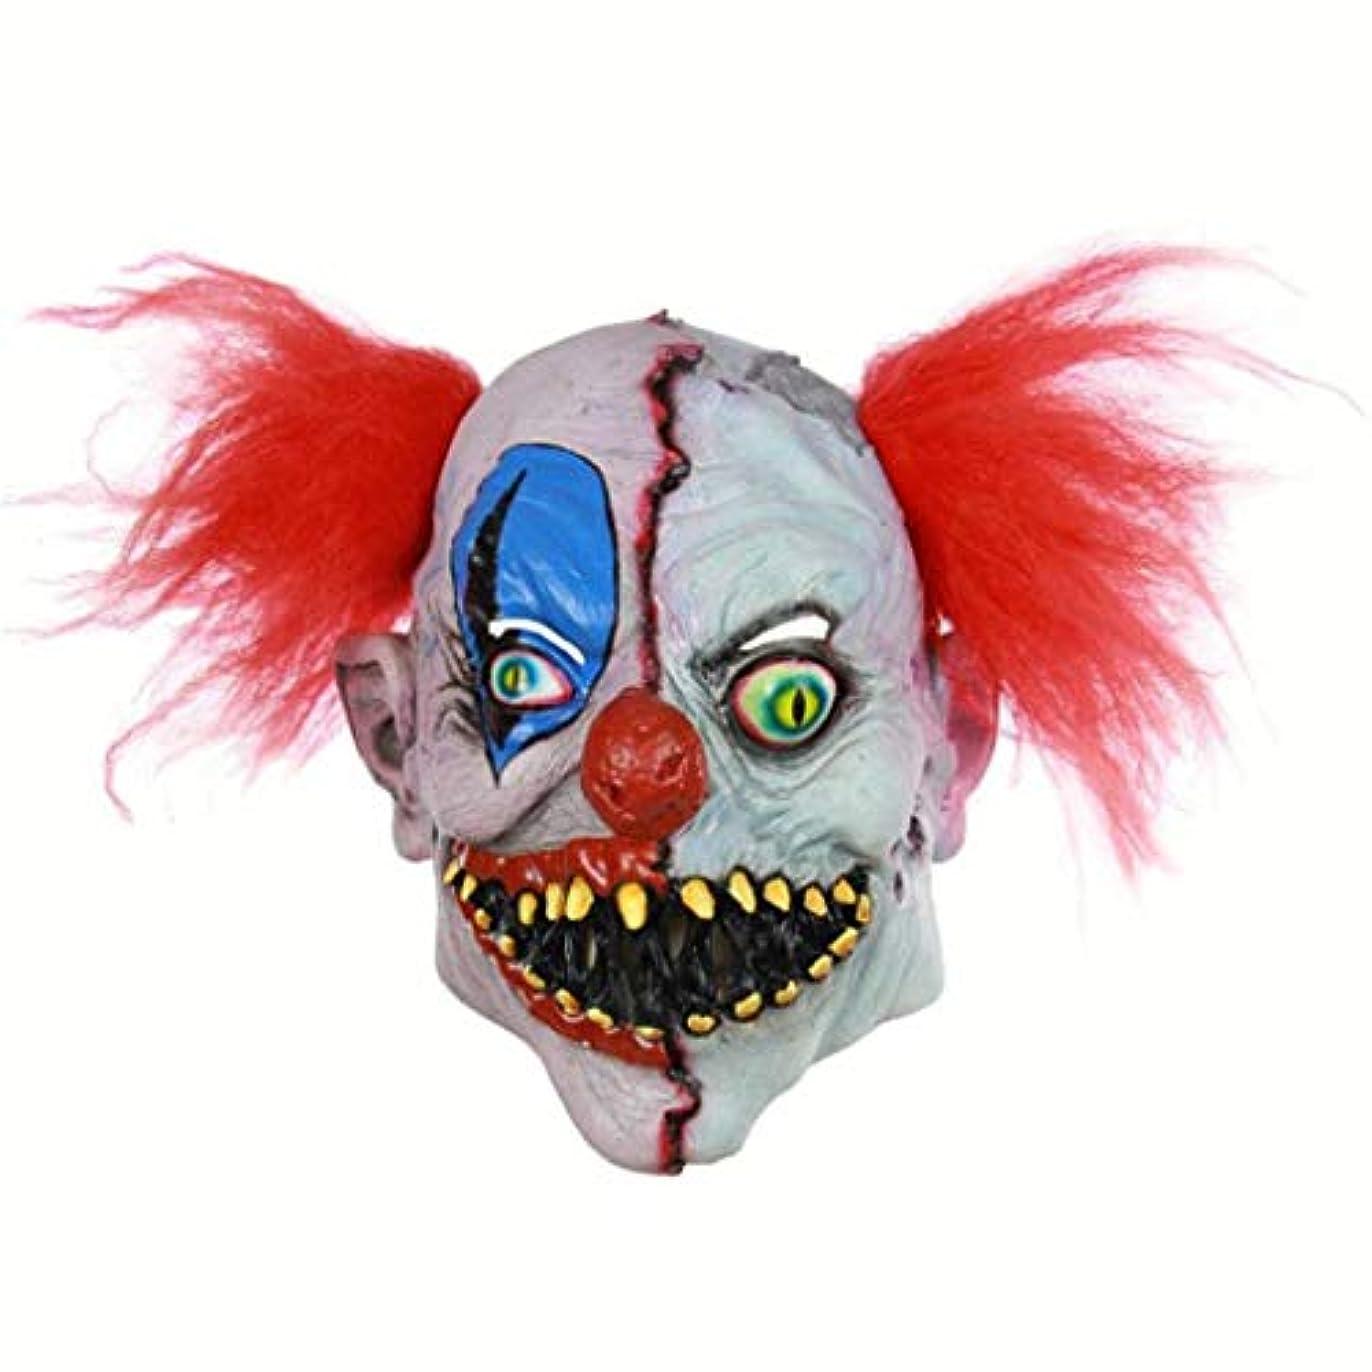 浜辺傷跡崩壊ハロウィンホラー腐った顔ピエロラテックスゴーストマスクしかめっ面マスクパーティーマスク映画小道具仮面舞踏会マスク